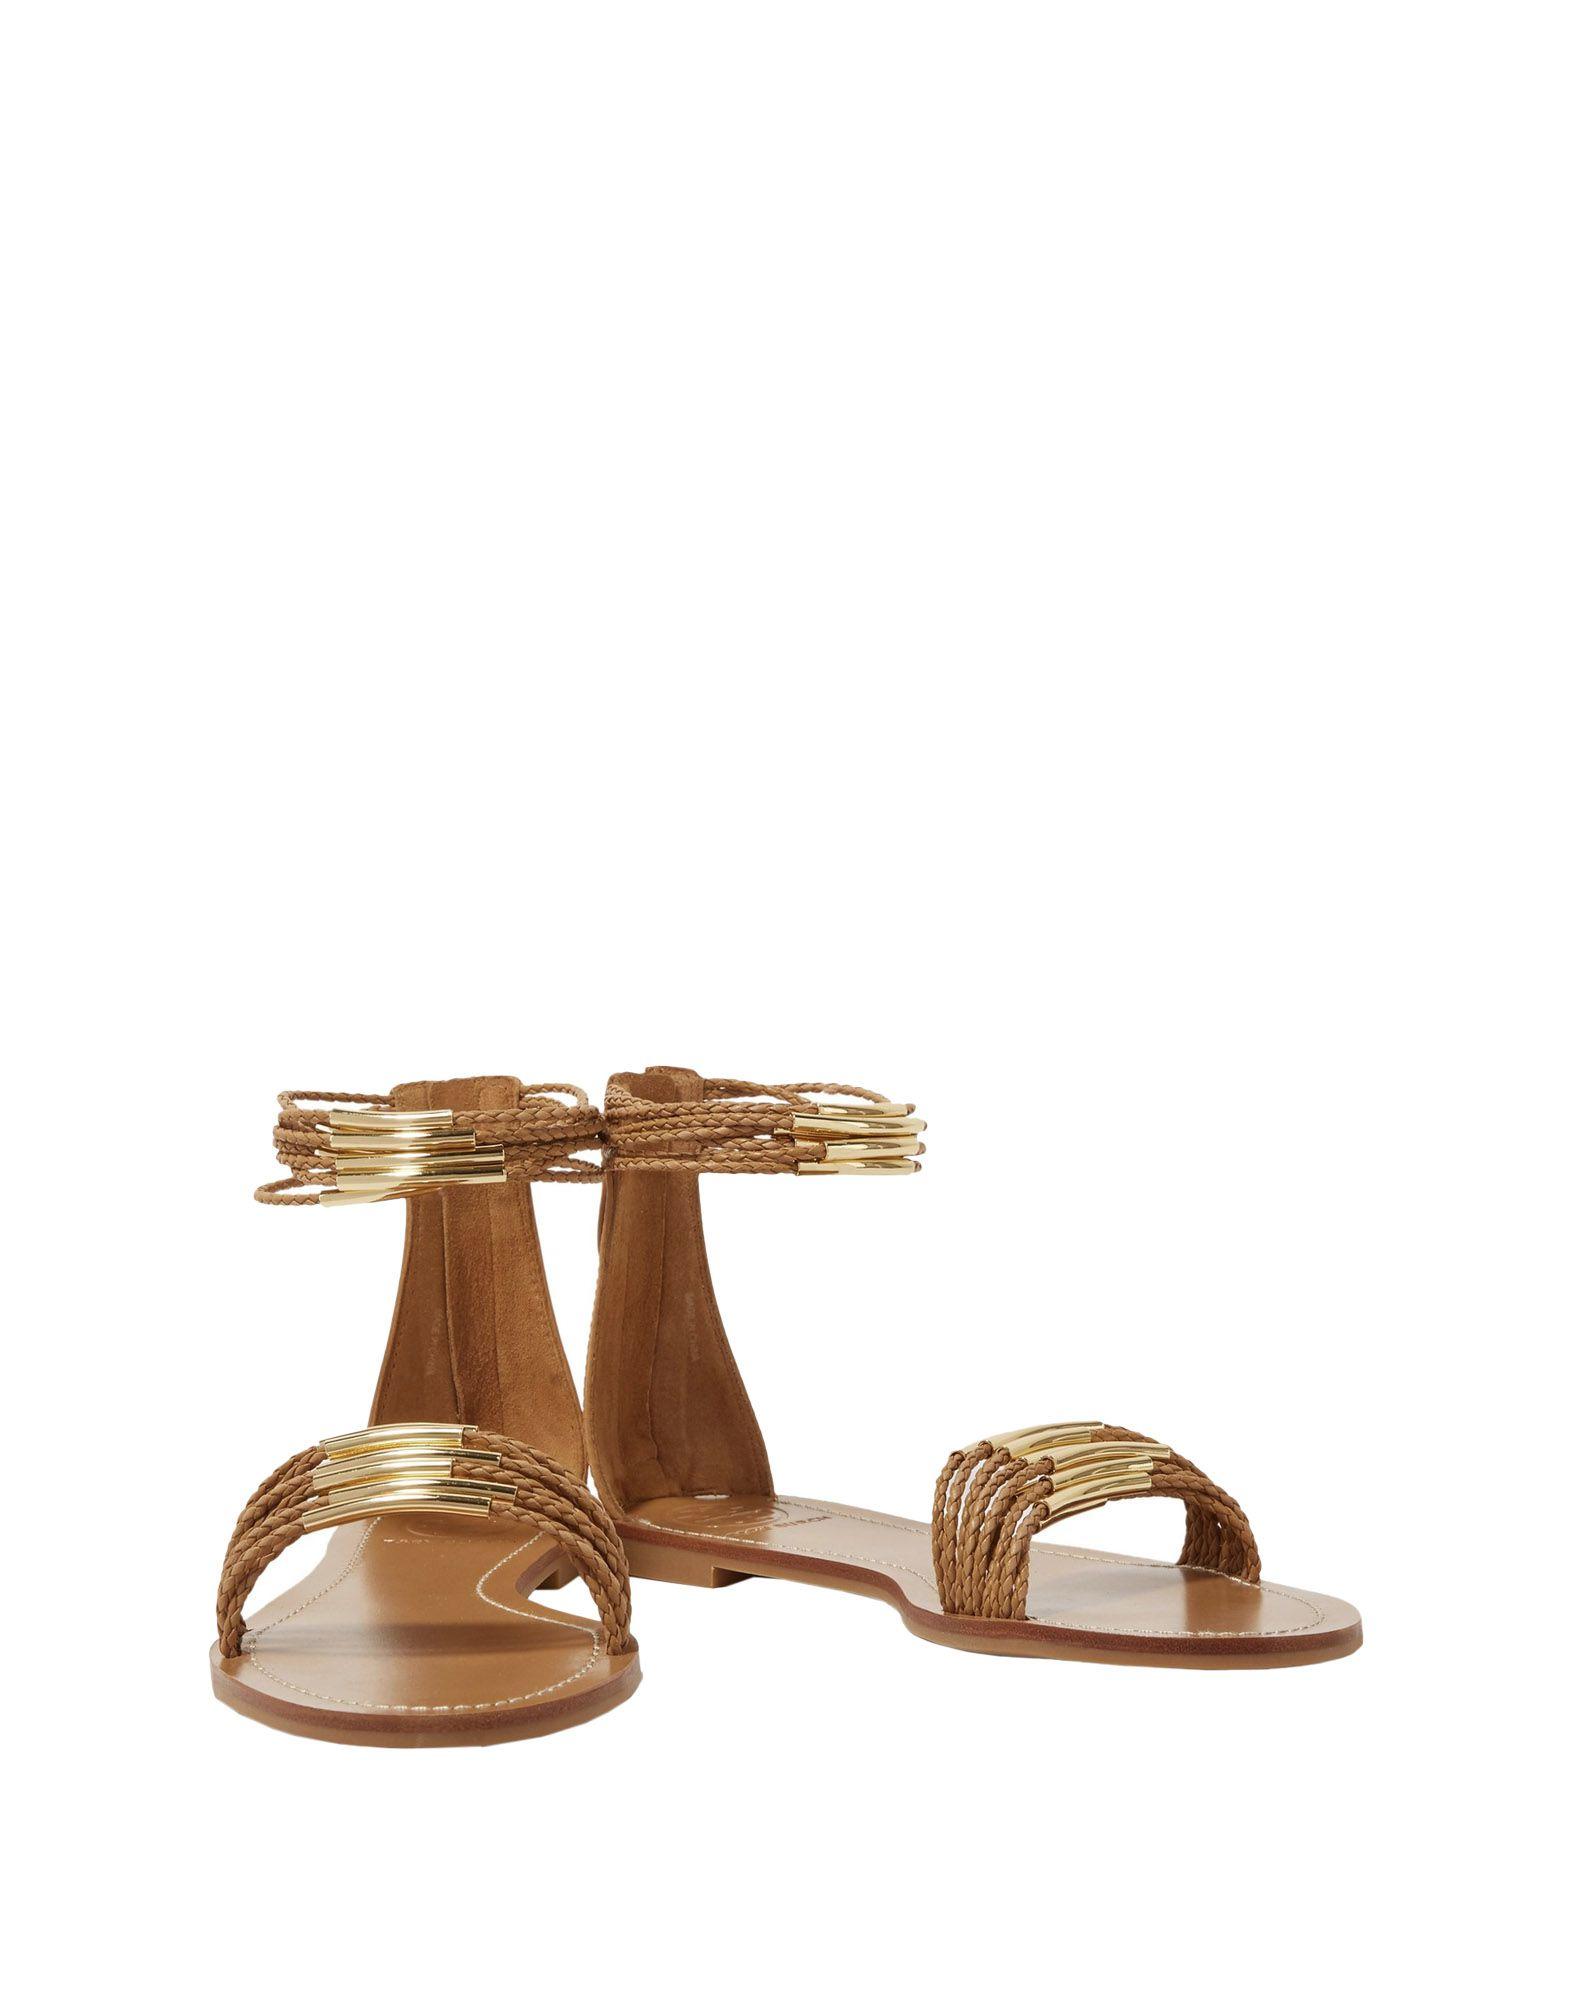 Tory Burch Sandalen Damen  11523577AX Neue Schuhe